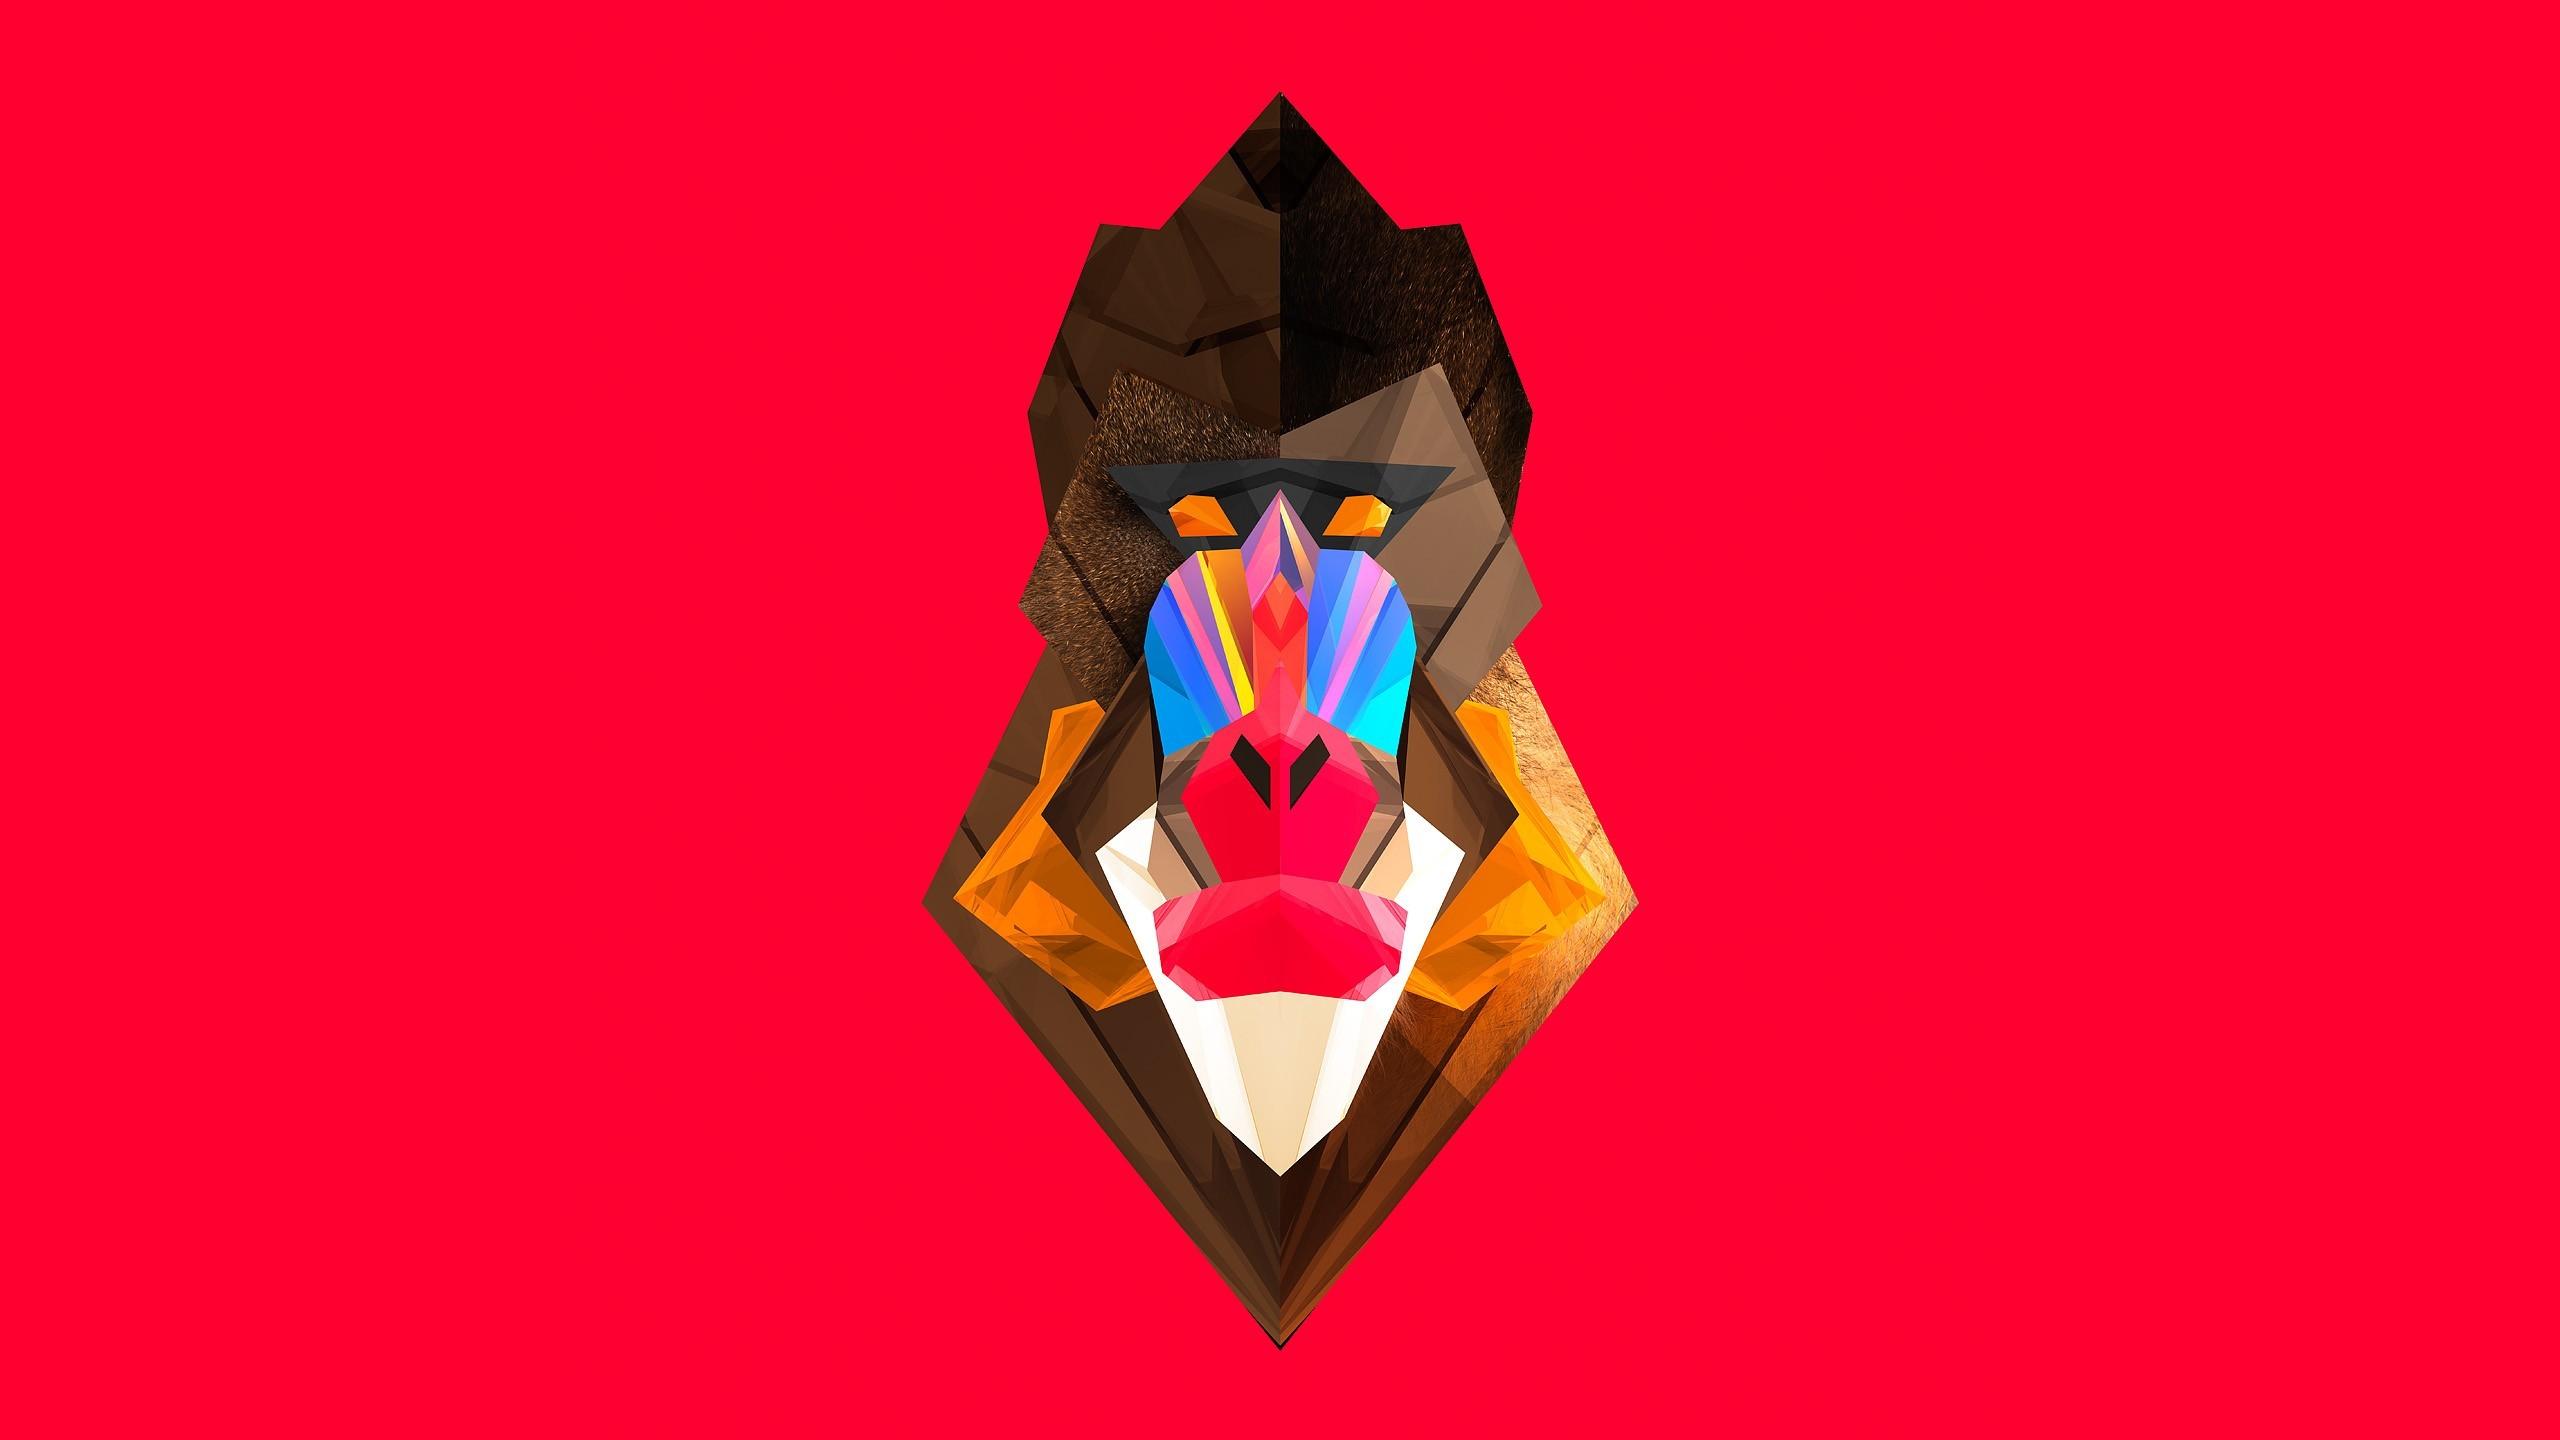 digital art mandrill monkeys artwork justin maller facets